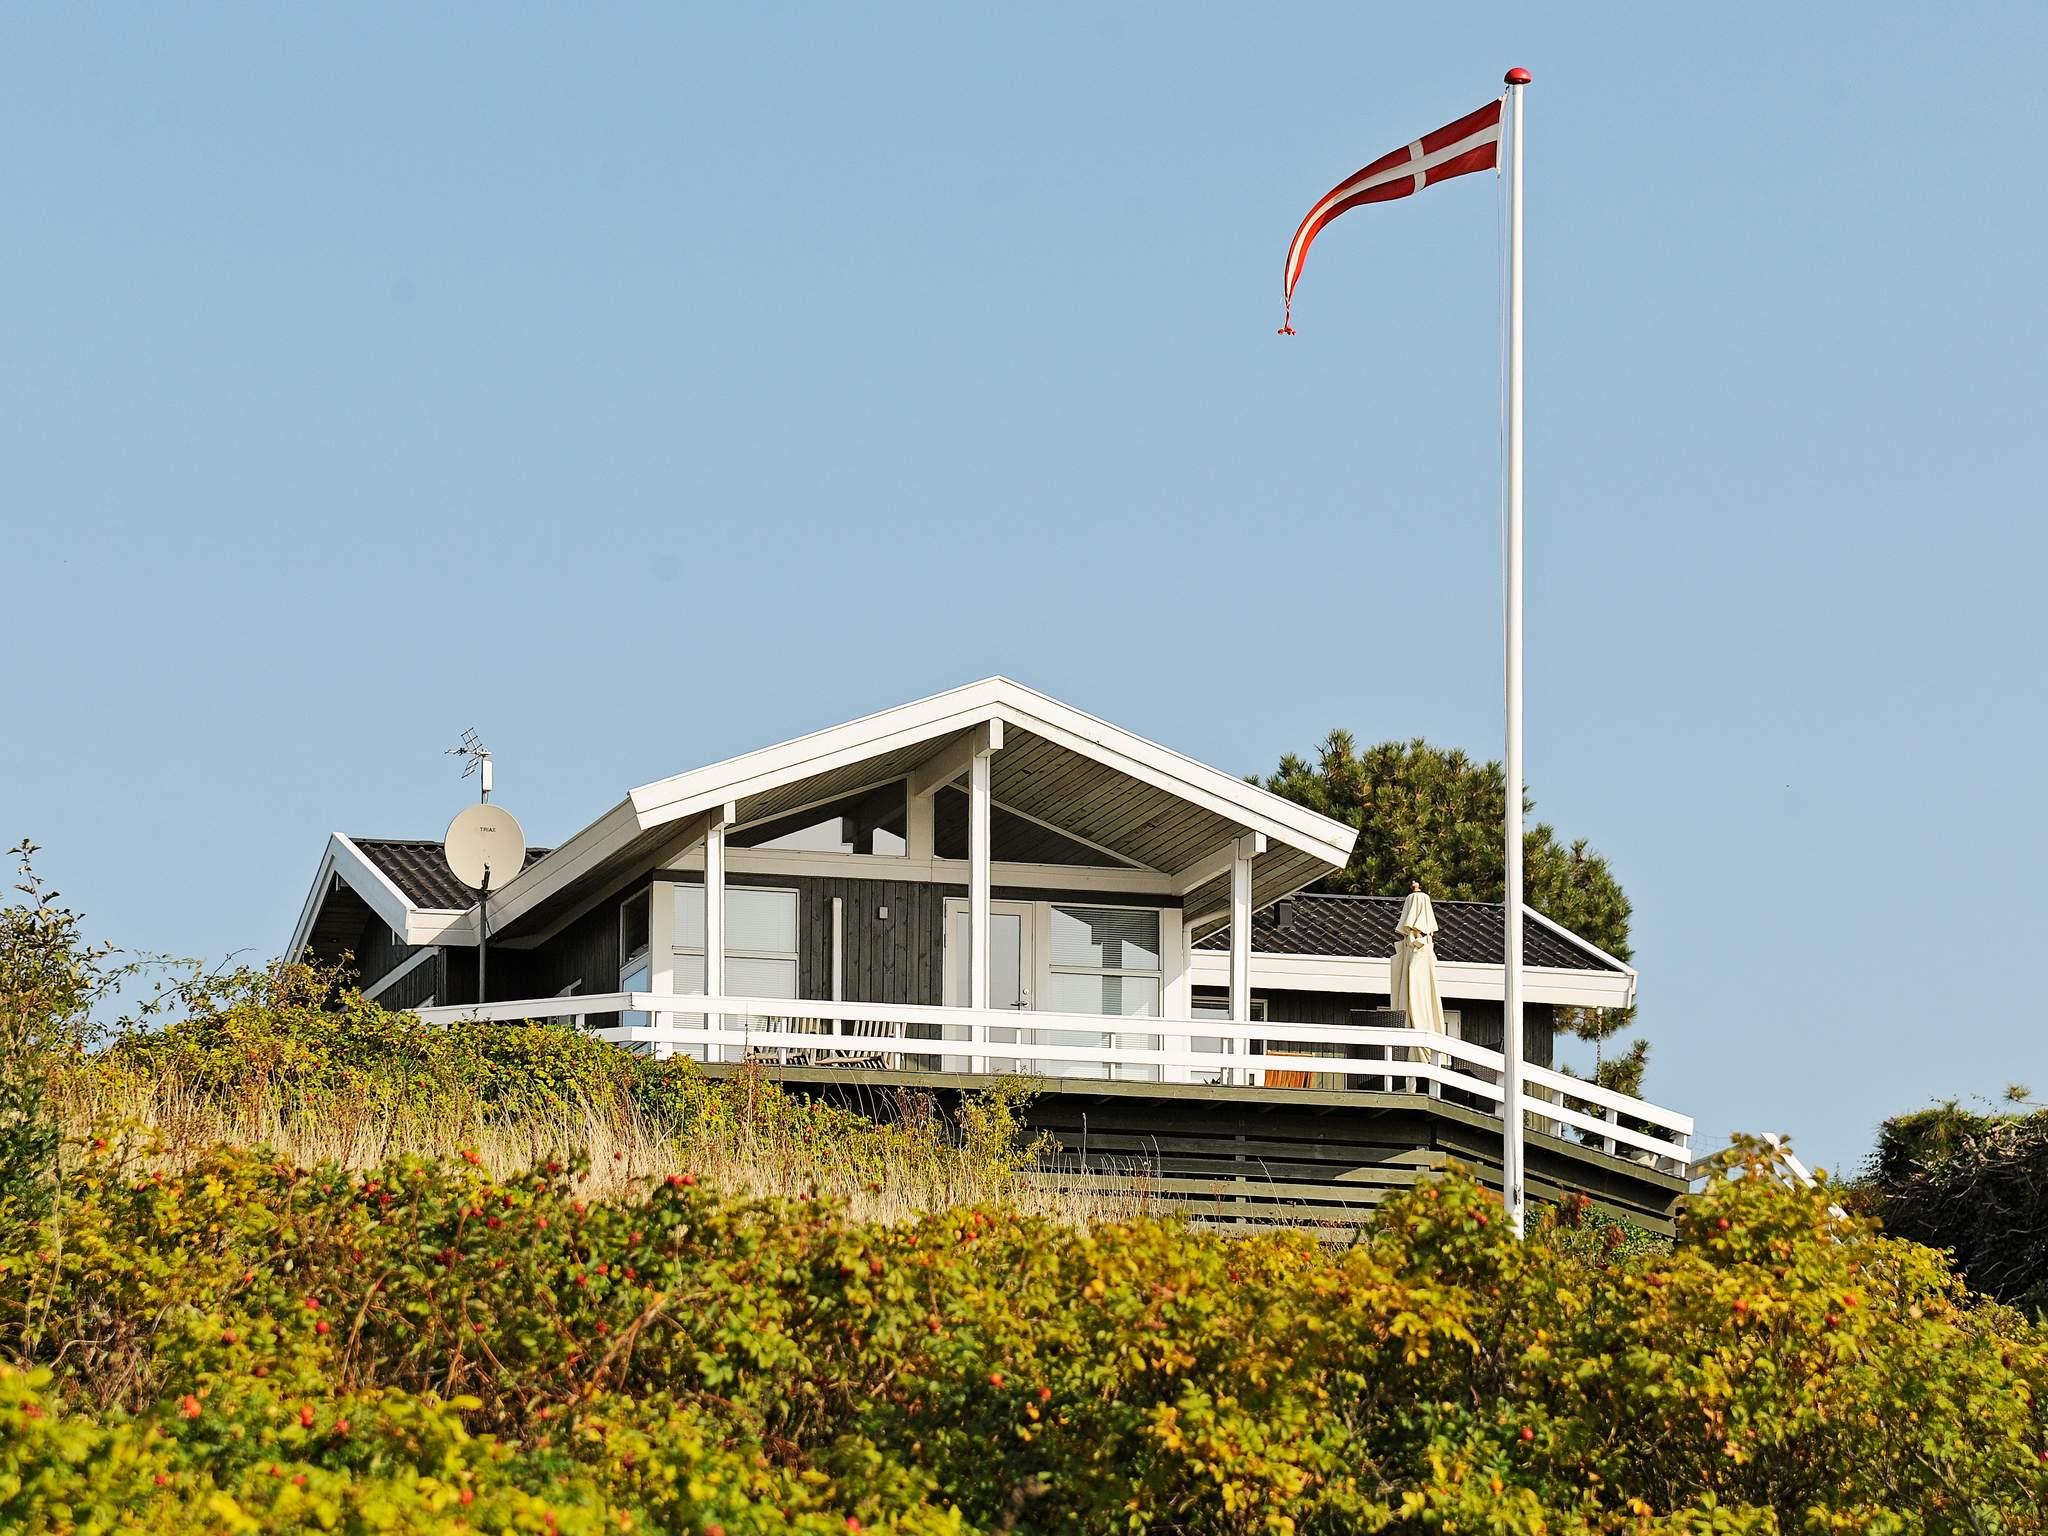 Maison de vacances Horne (1994659), Horne, , Fionie, Danemark, image 18